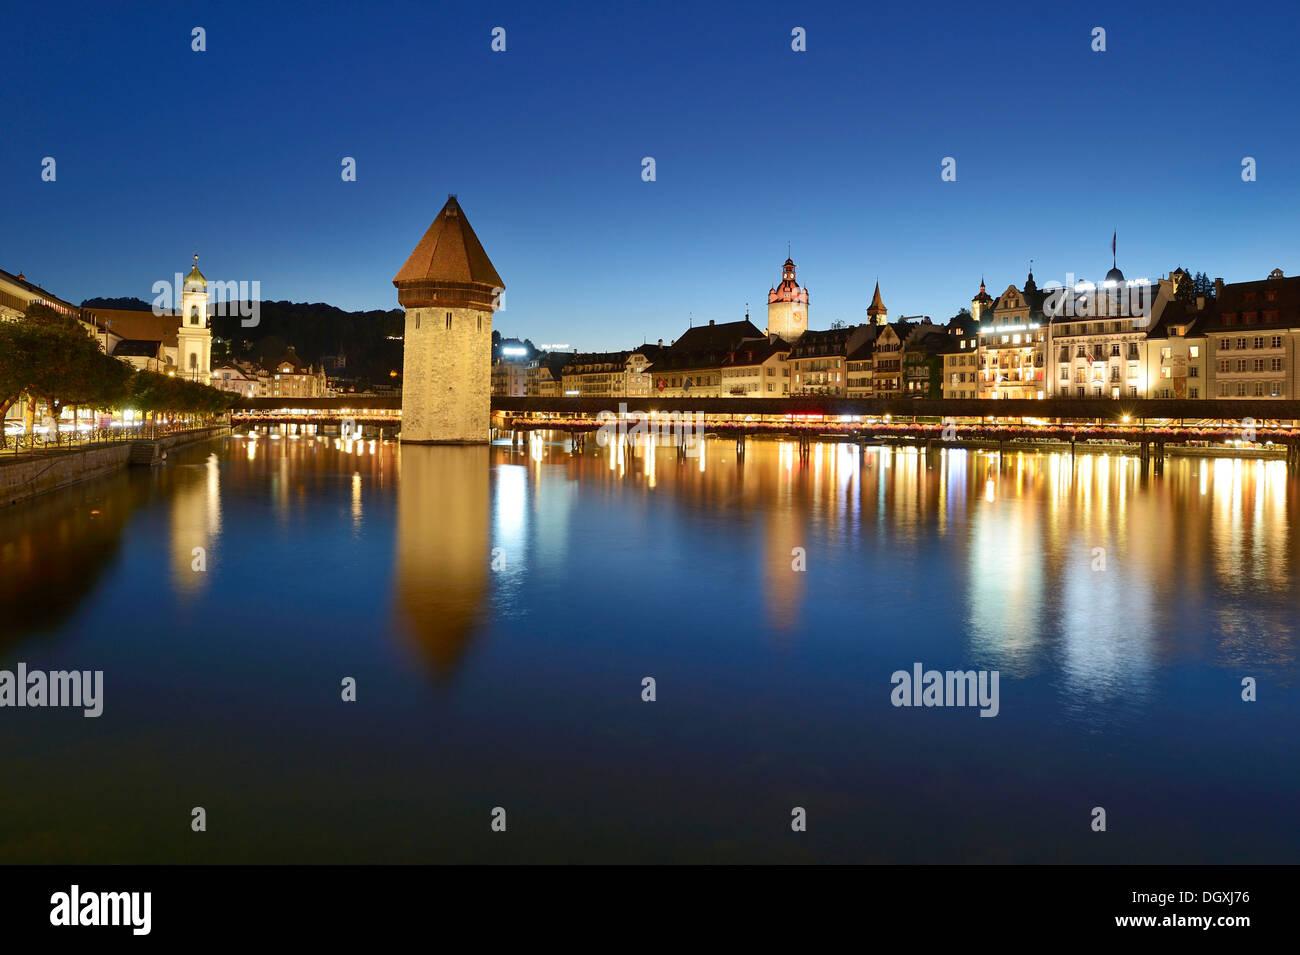 Las luces del puente de la capilla y la torre del agua se reflejan en el agua del río Reuss, Lucerna, Suiza, Europa Imagen De Stock